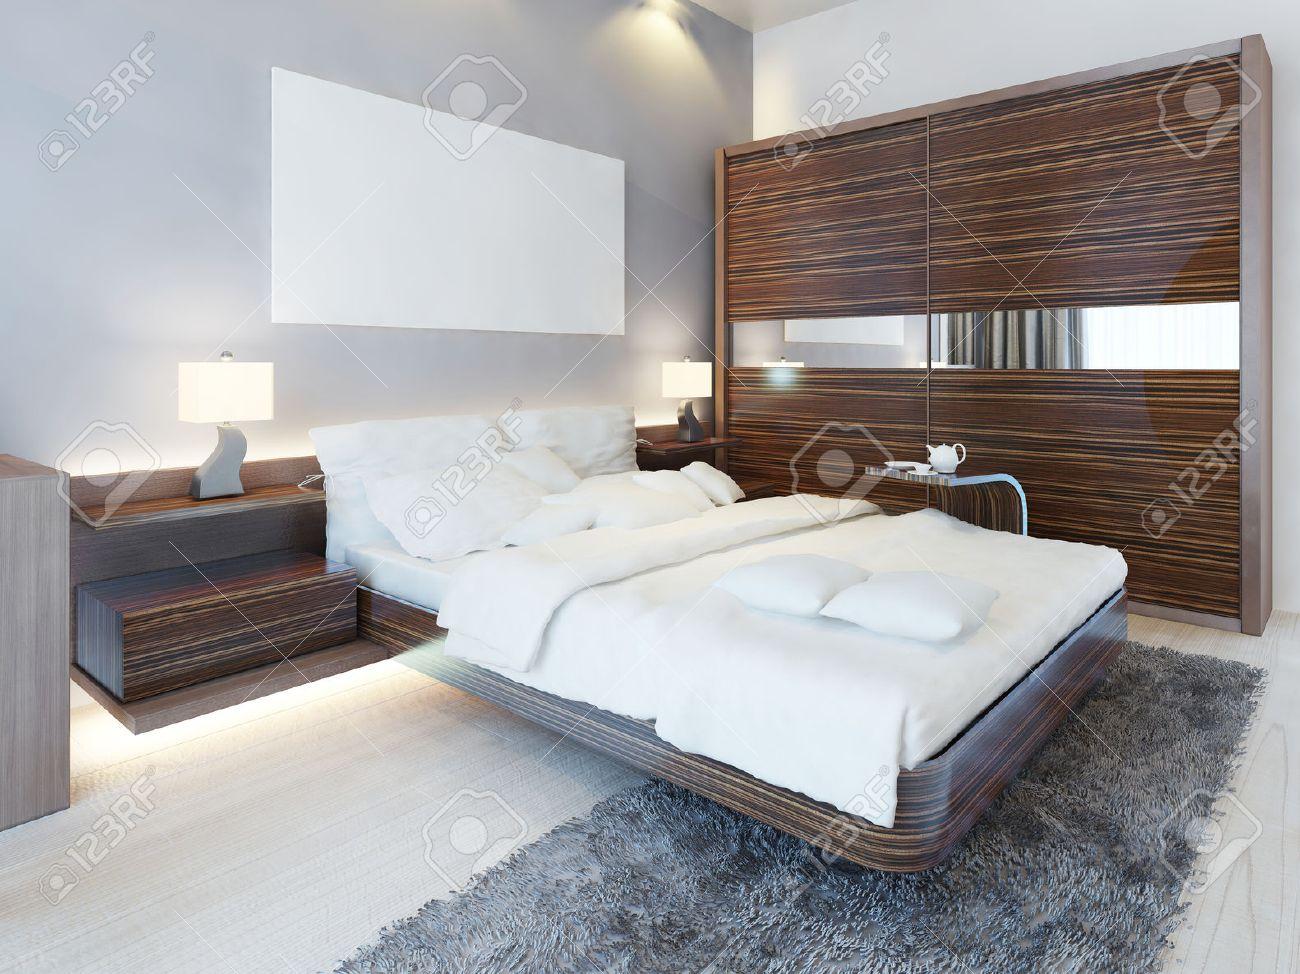 Full Size of Günstige Schlafzimmer Mit überbau Weiß Schranksysteme Lampen Sessel Stuhl Für Regal Teppich Schrank Truhe Wandlampe Weiss Lampe Komplett Massivholz Wohnzimmer Schlafzimmer Lampen